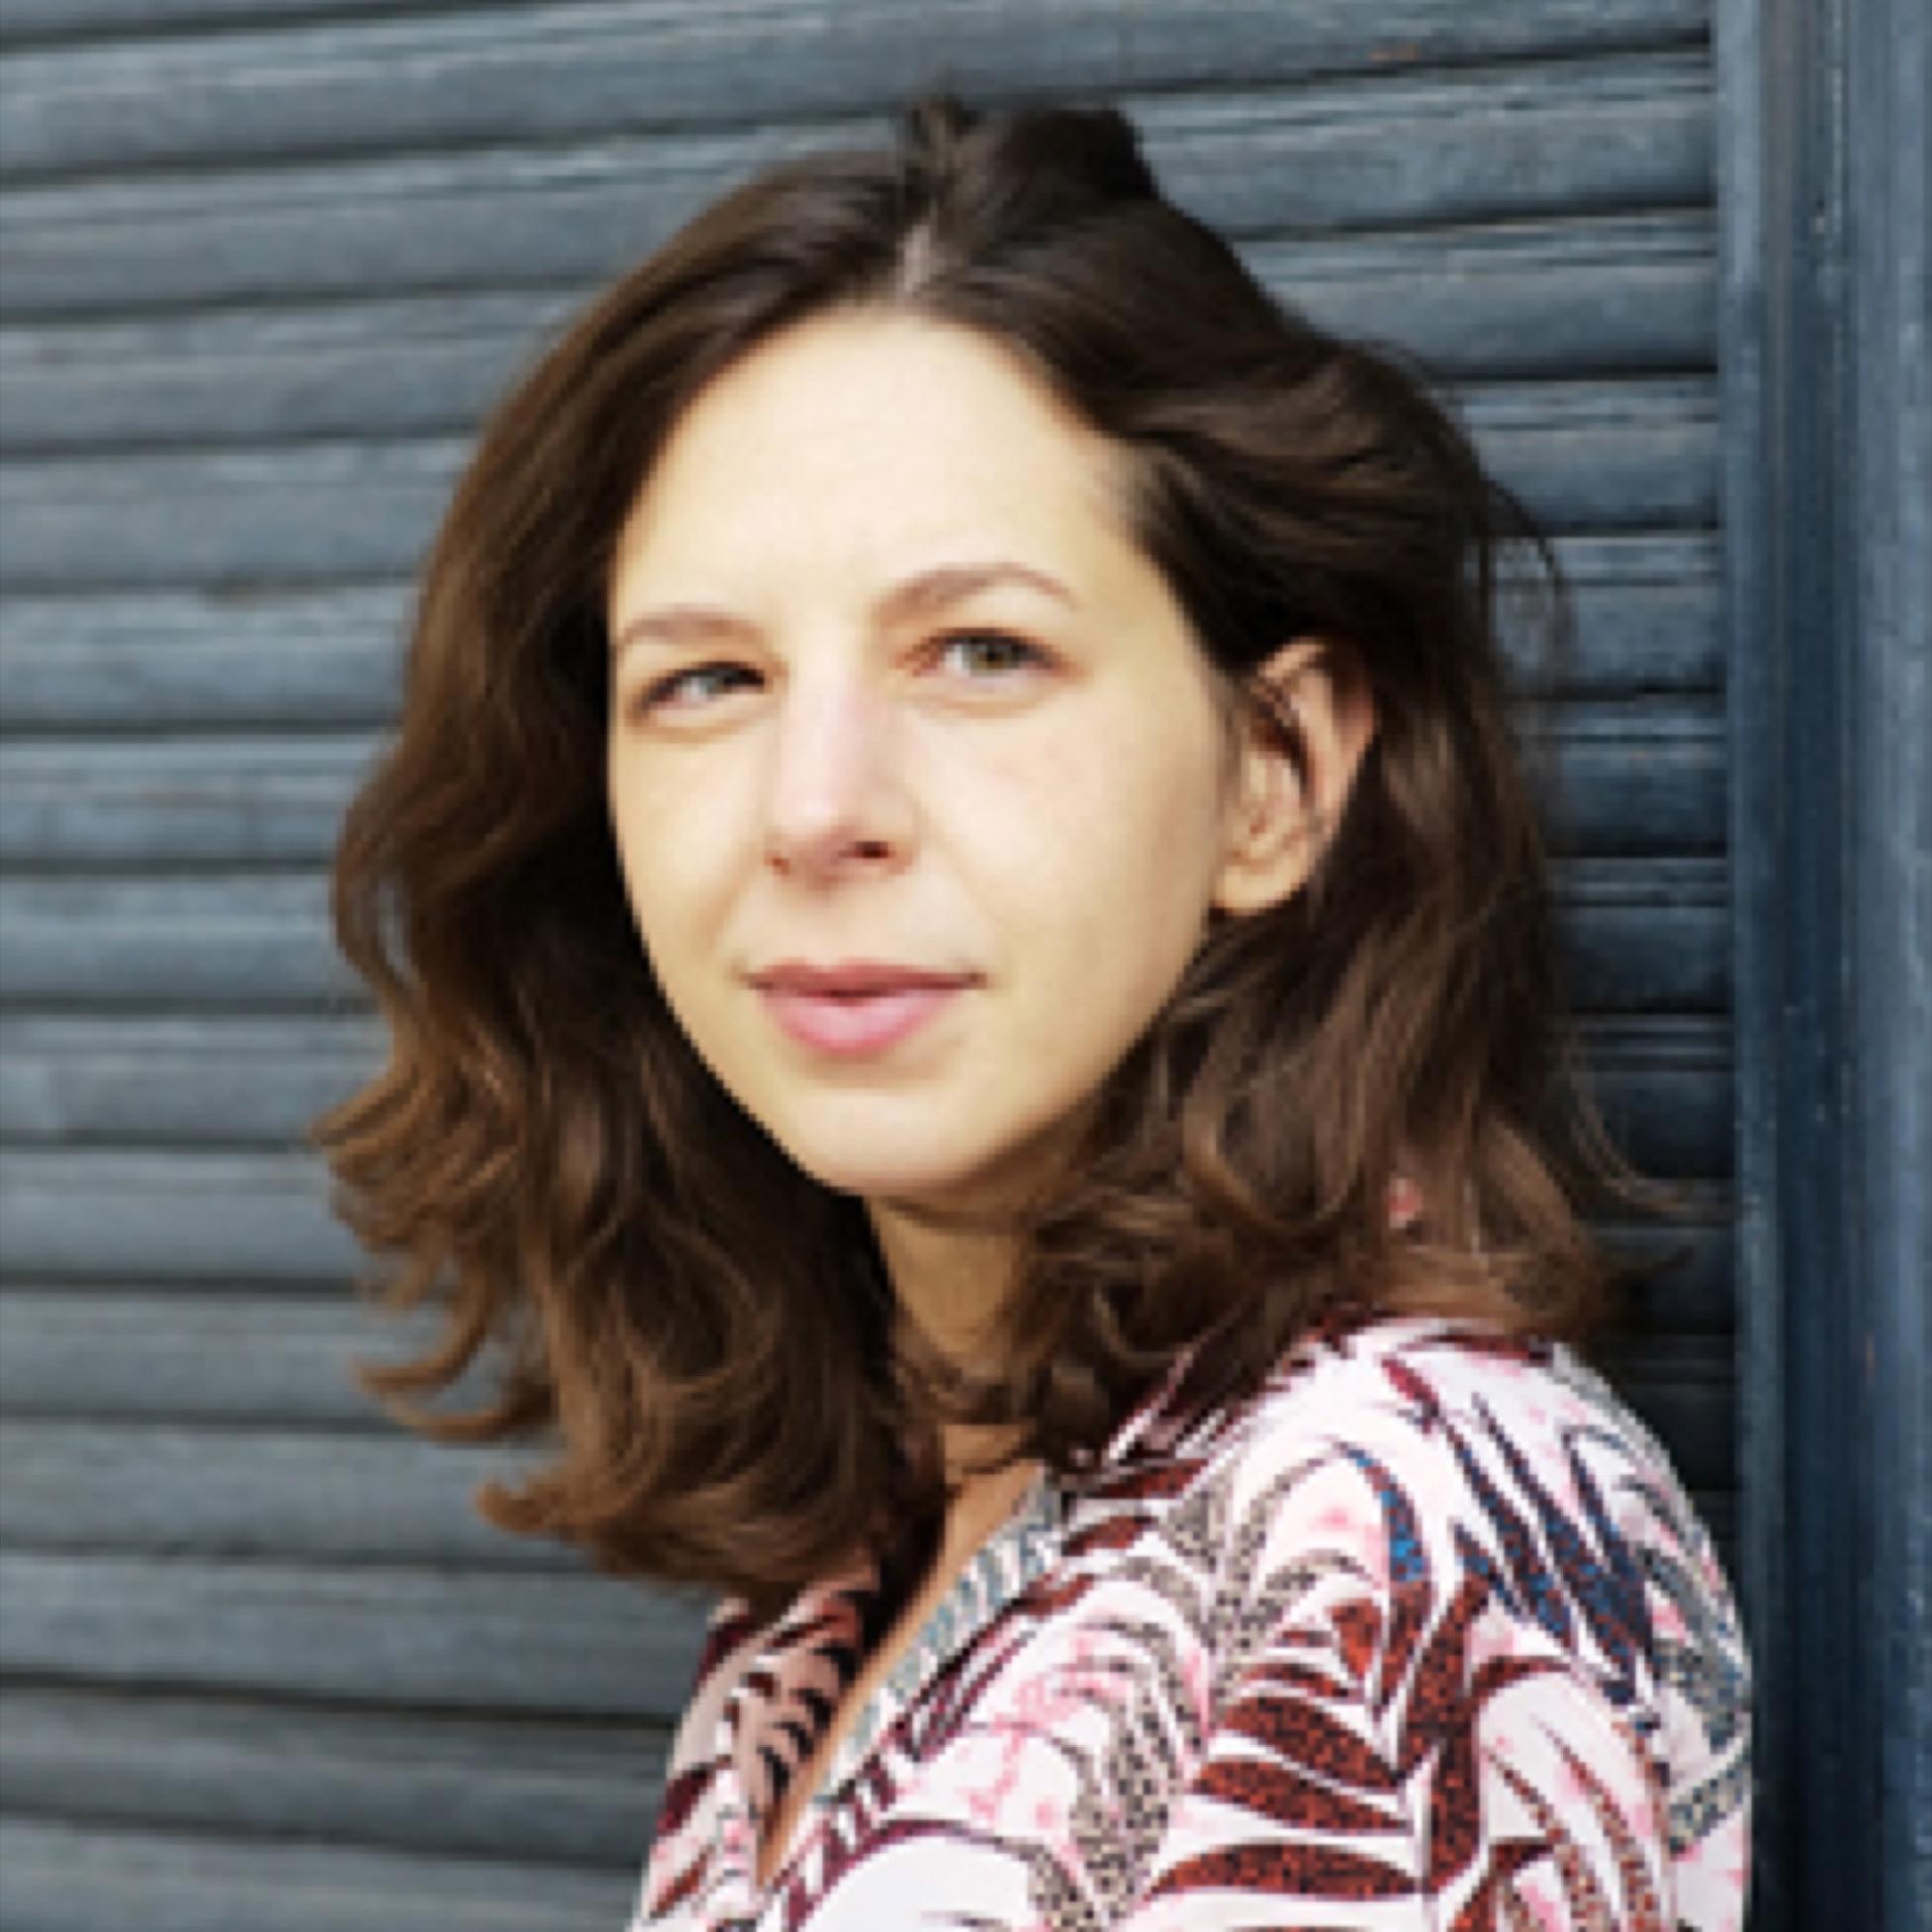 """Lina Muzur, geboren in Sarajevo, arbeitet als Leitende Lektorin beim Aufbau Verlag in Berlin. Sie ist Mitglied von """"10 nach 8""""."""